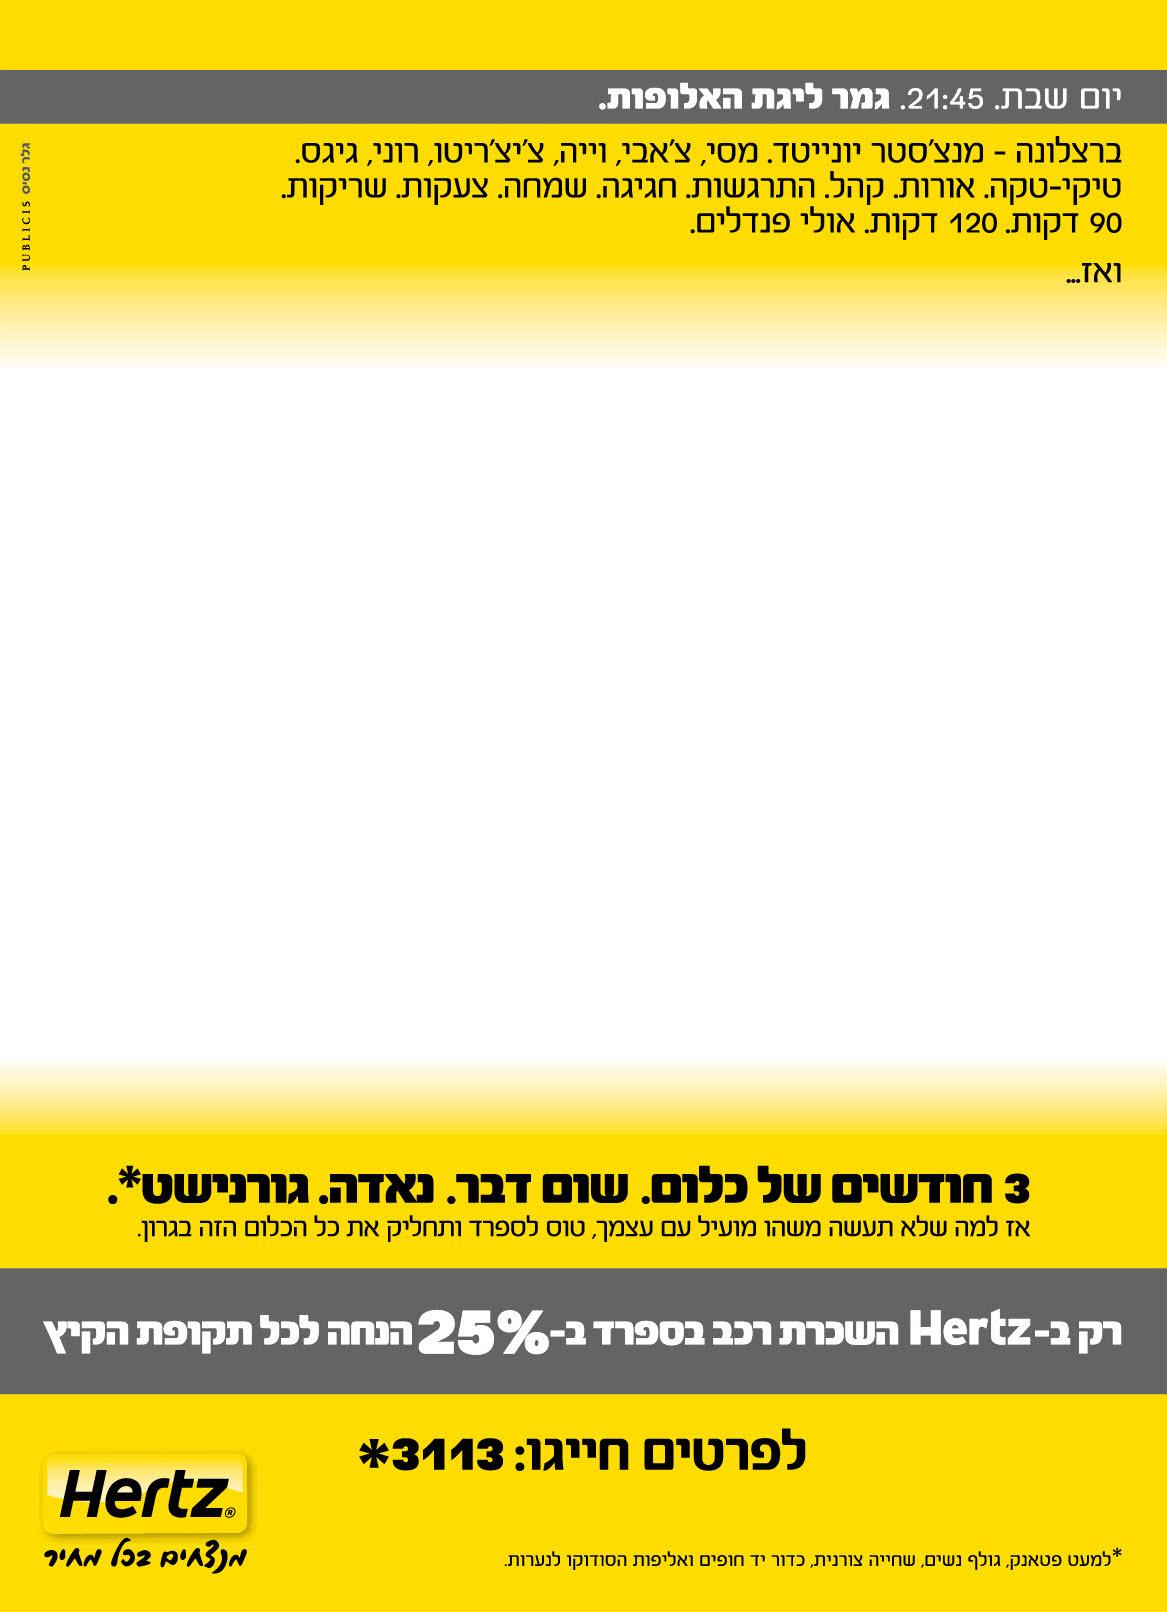 Hertz - גלר נסיס פובליסיס ישראל